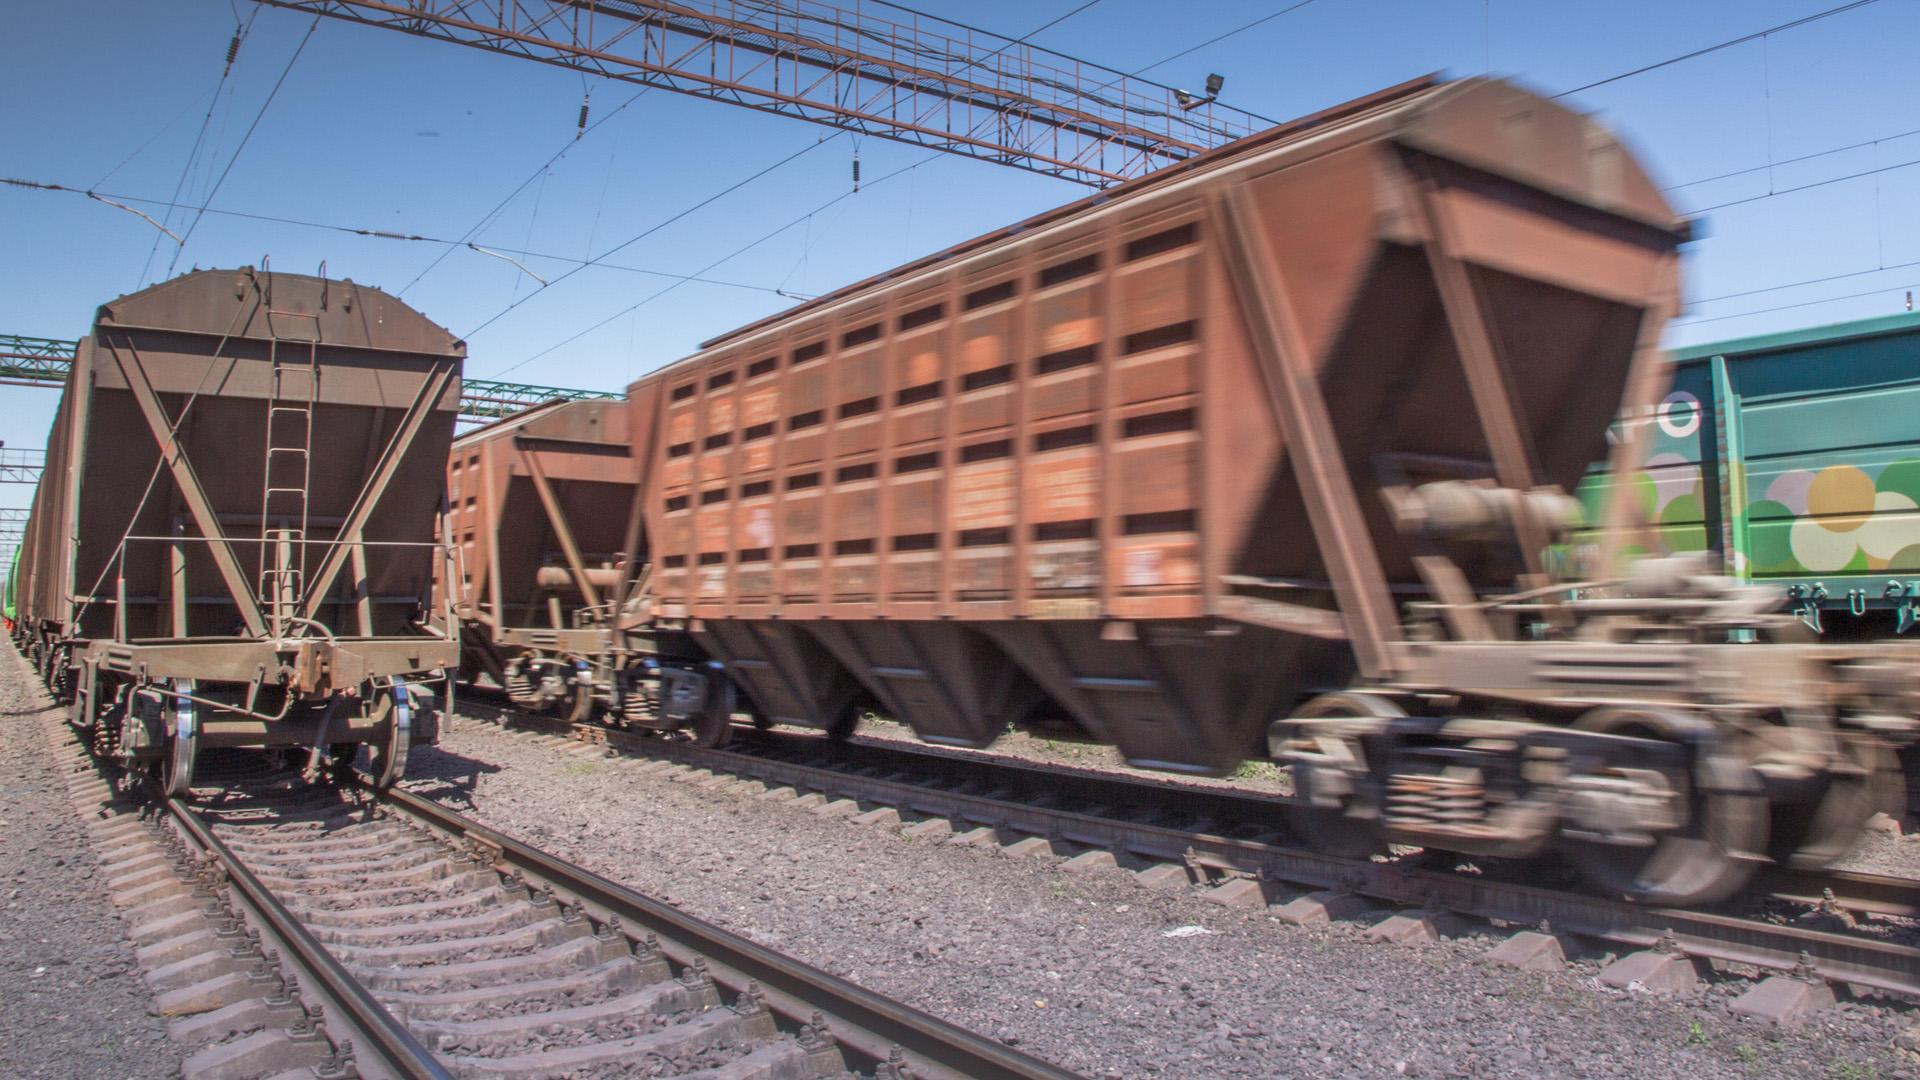 Заява: Впровадження Договору на надання послуг з організації перевезення вантажів залізничним транспортом потребує відтермінування до врегулювання суперечливих моментів